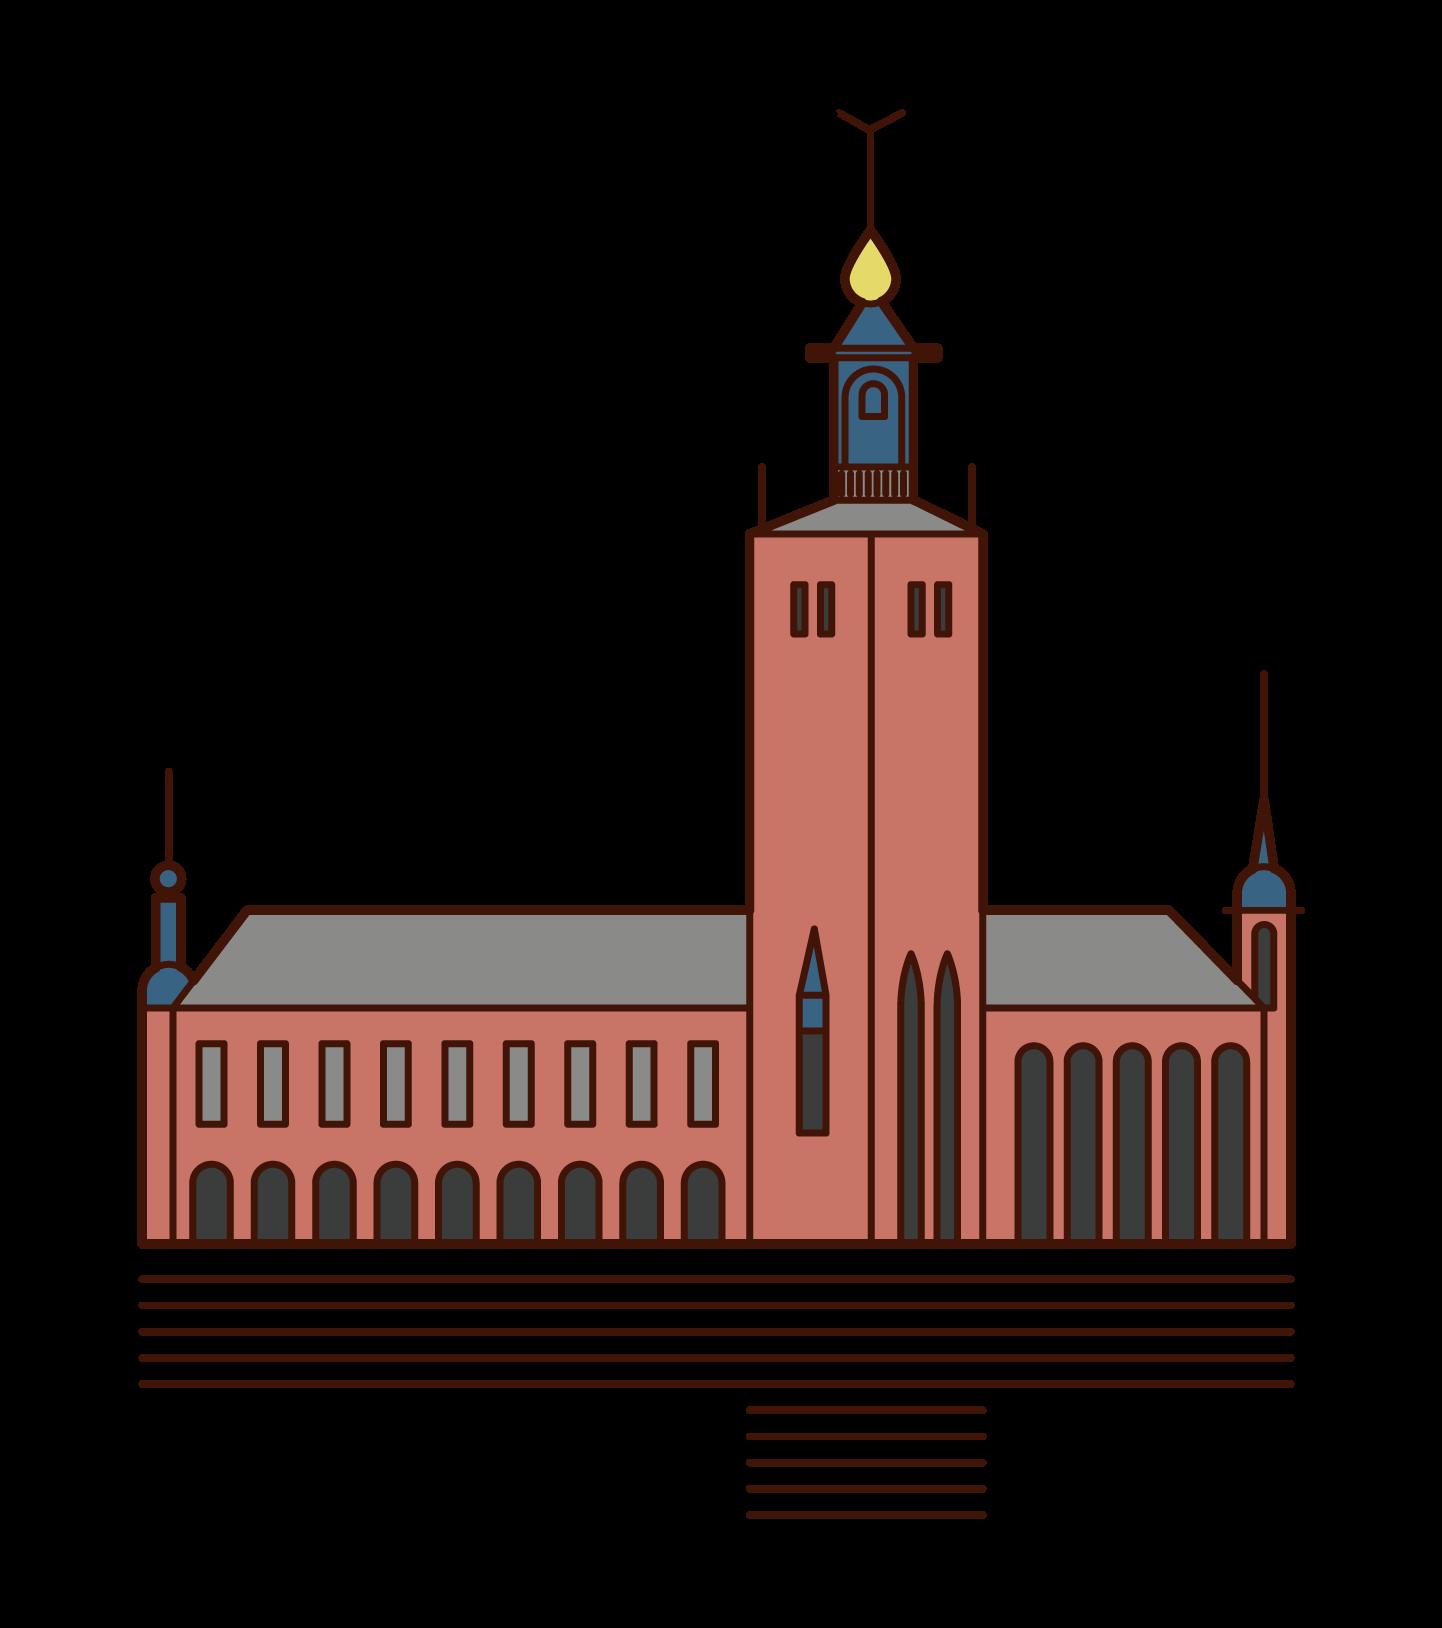 ストックホルム市庁舎のイラスト